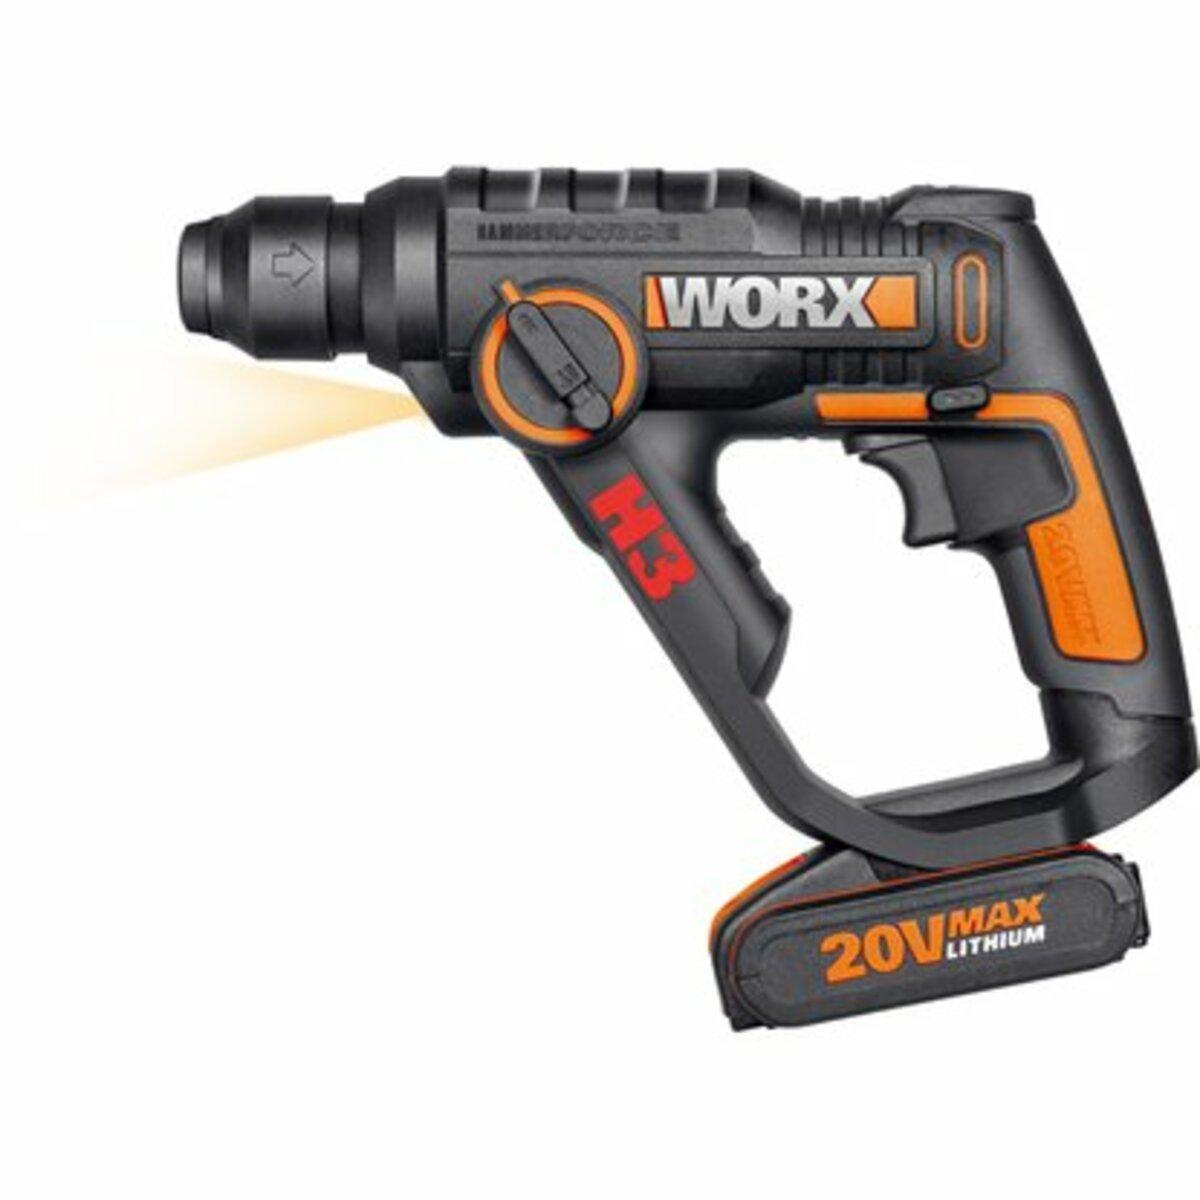 Bild 2 von Worx Akku-Bohrhammer 3-in-1 20 V WX390.1